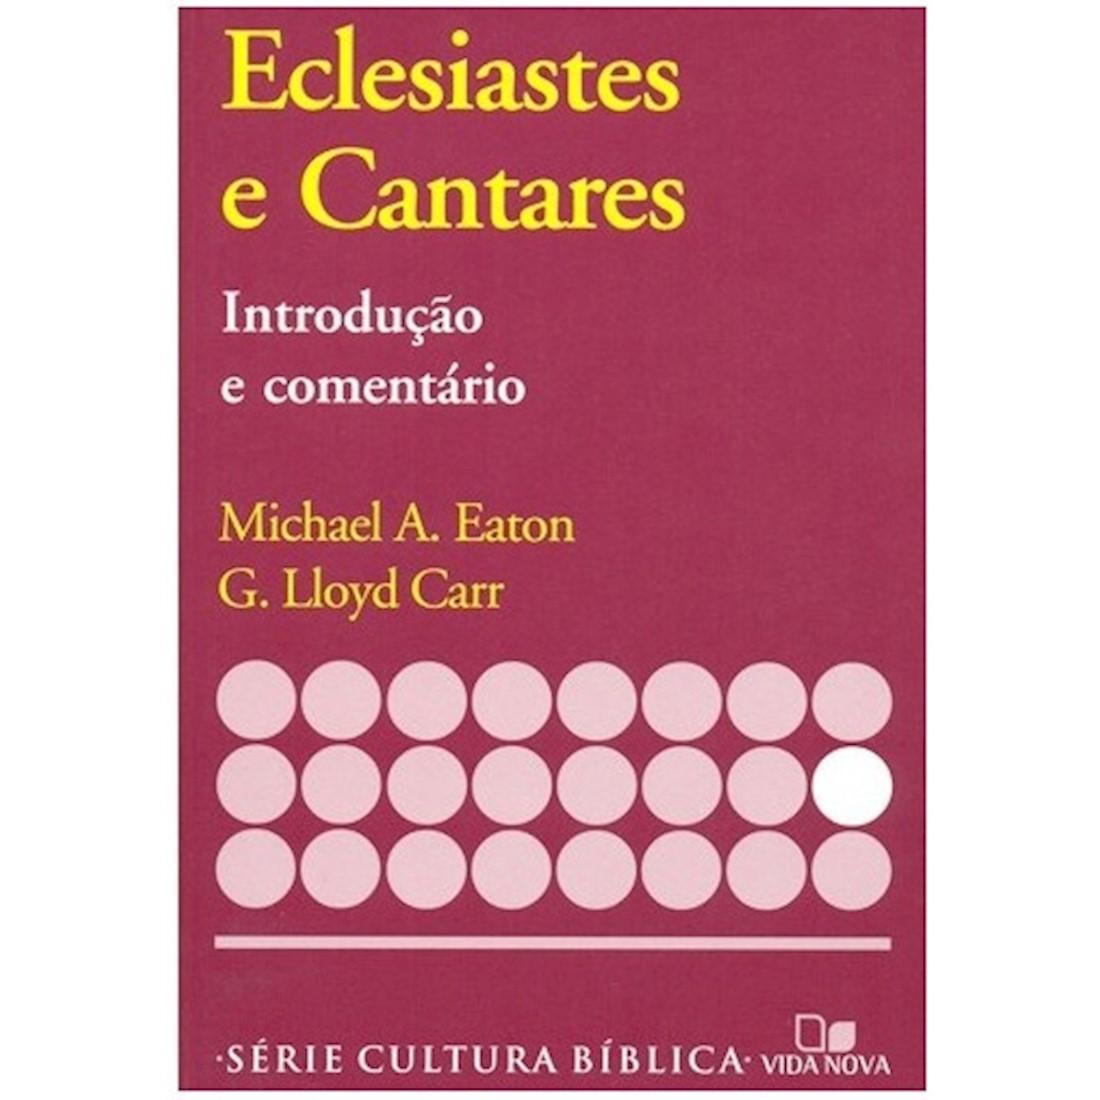 Livro Eclesiastes e Cantares - Introdução e Comentário Antigo Testamento